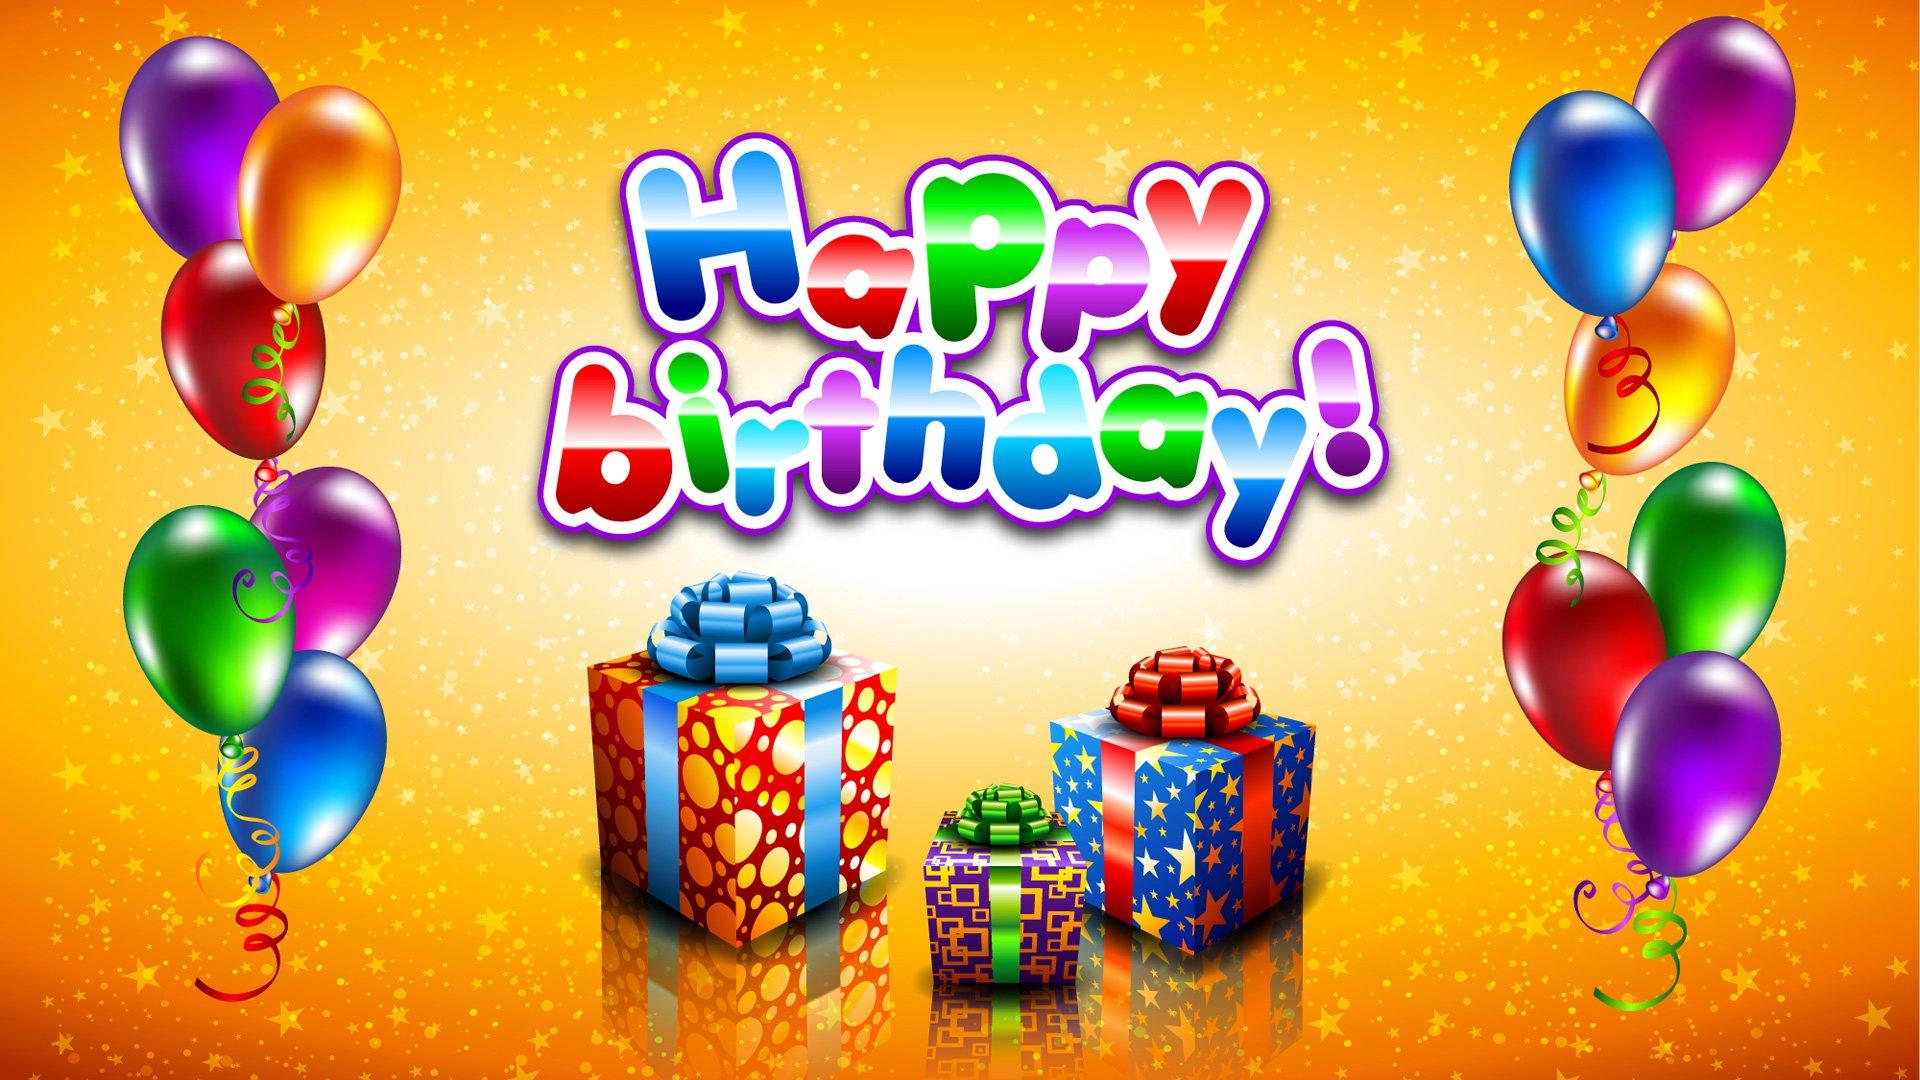 Слайд шоу поздравления с днем рожденья